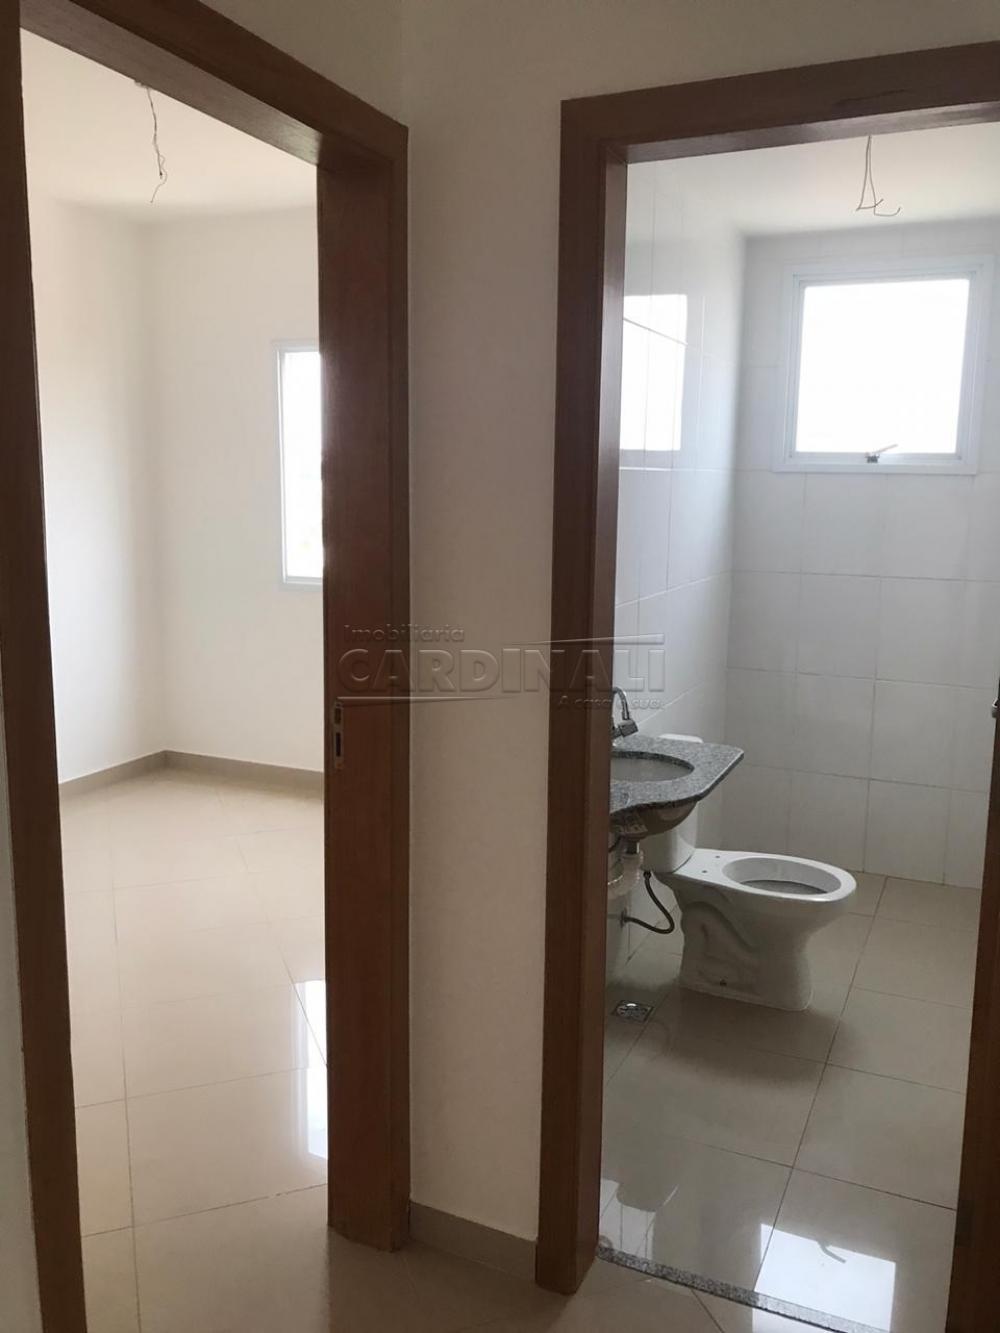 Comprar Apartamento / Padrão em São Carlos apenas R$ 320.000,00 - Foto 10